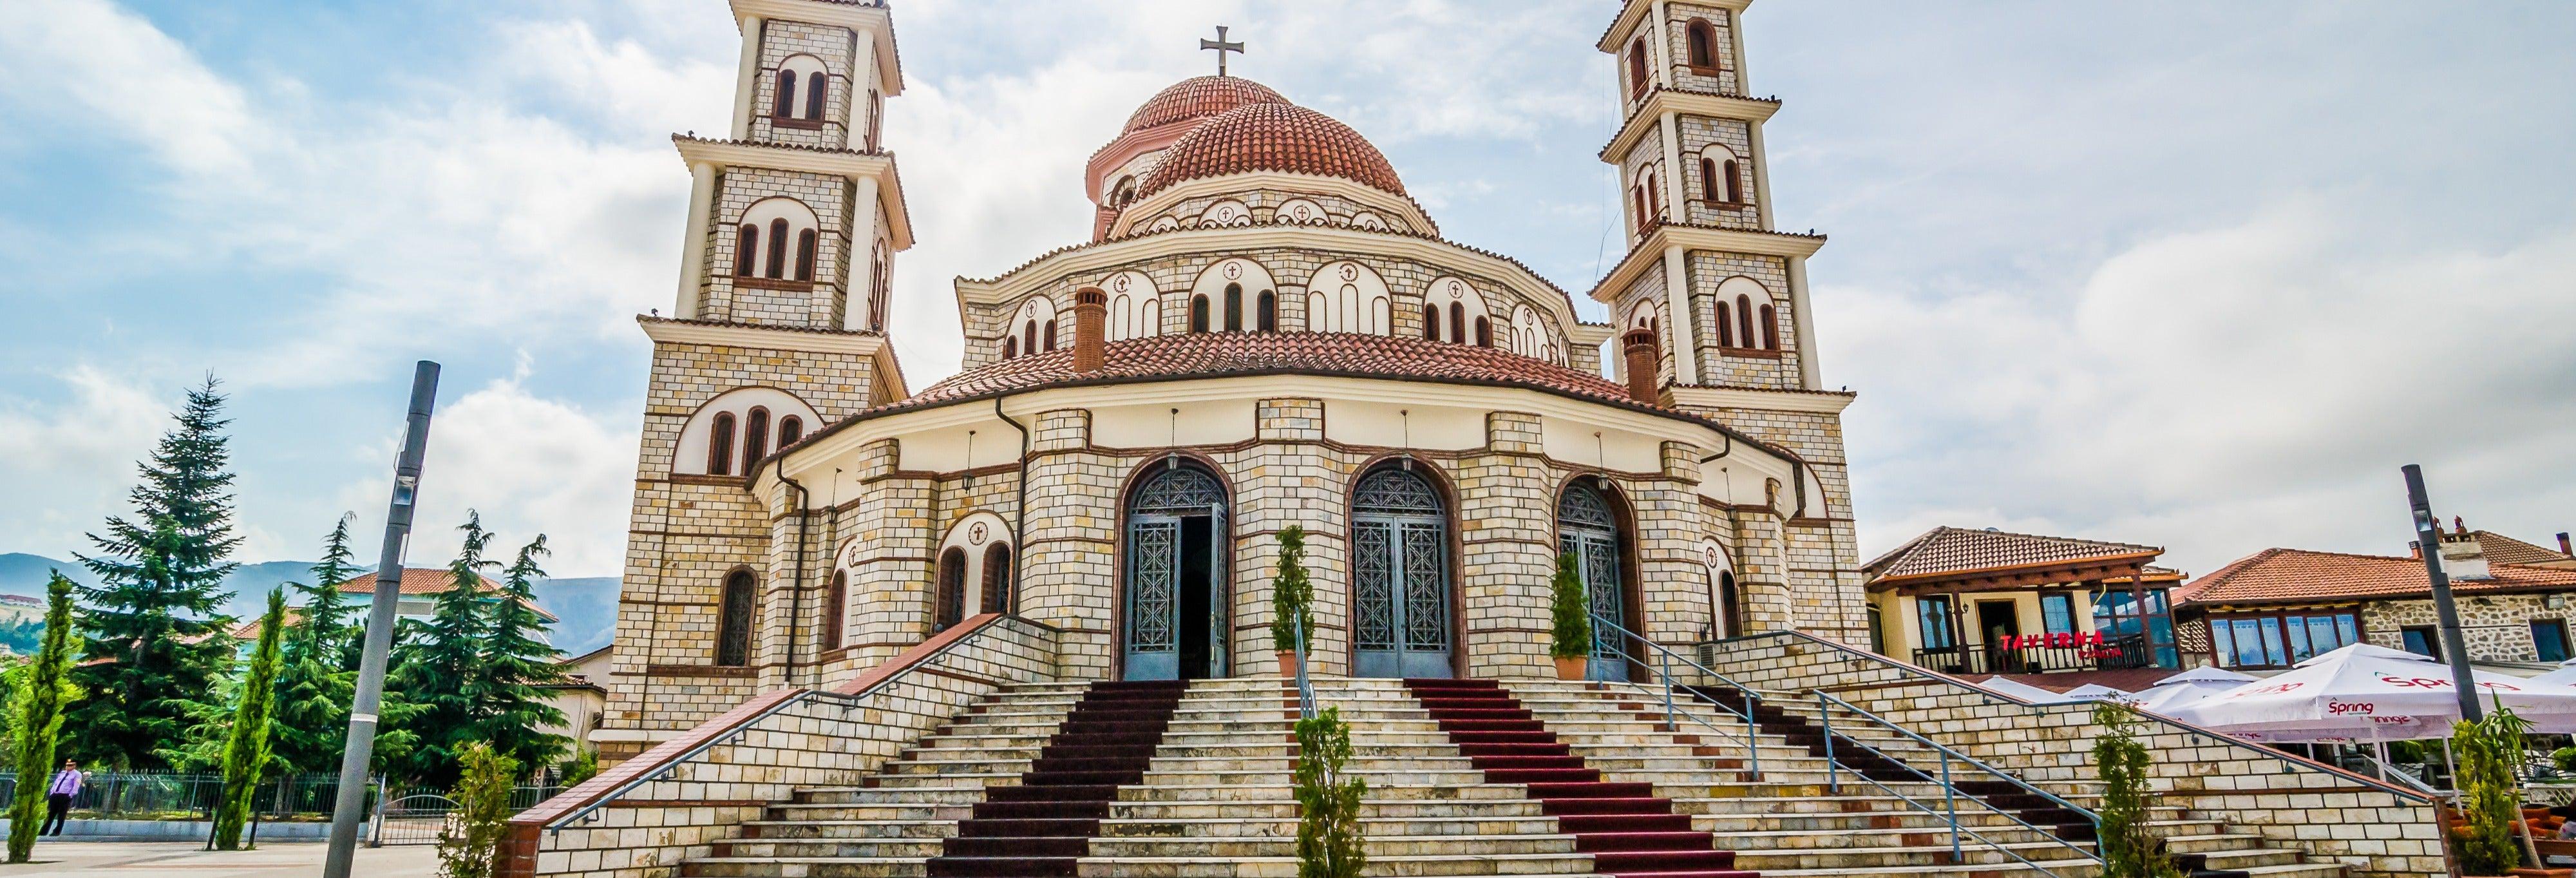 Excursion à Korçë